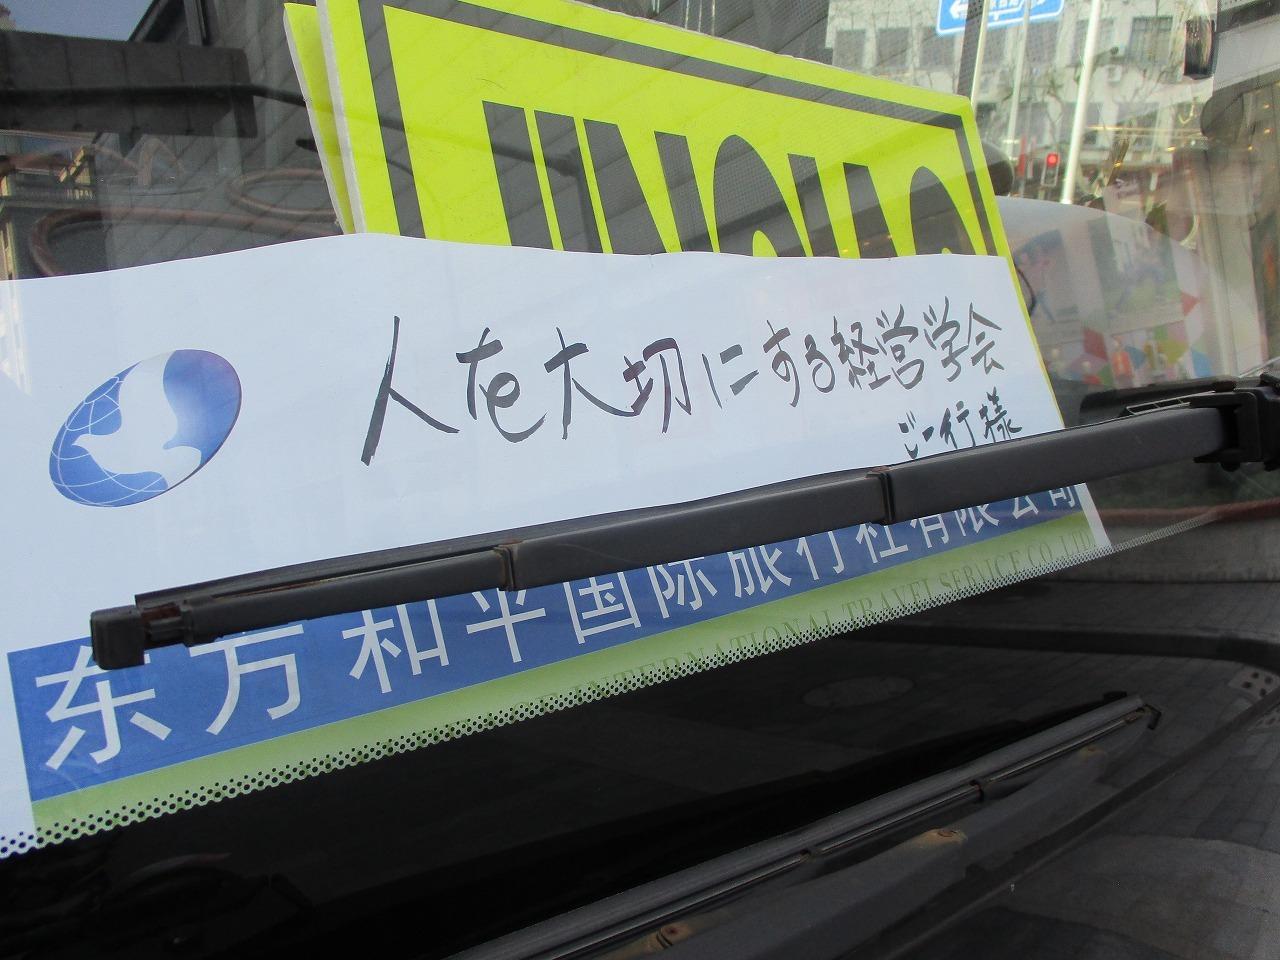 中国デジタル革命 視察旅行に参加しました(前編)_e0190287_18201789.jpg